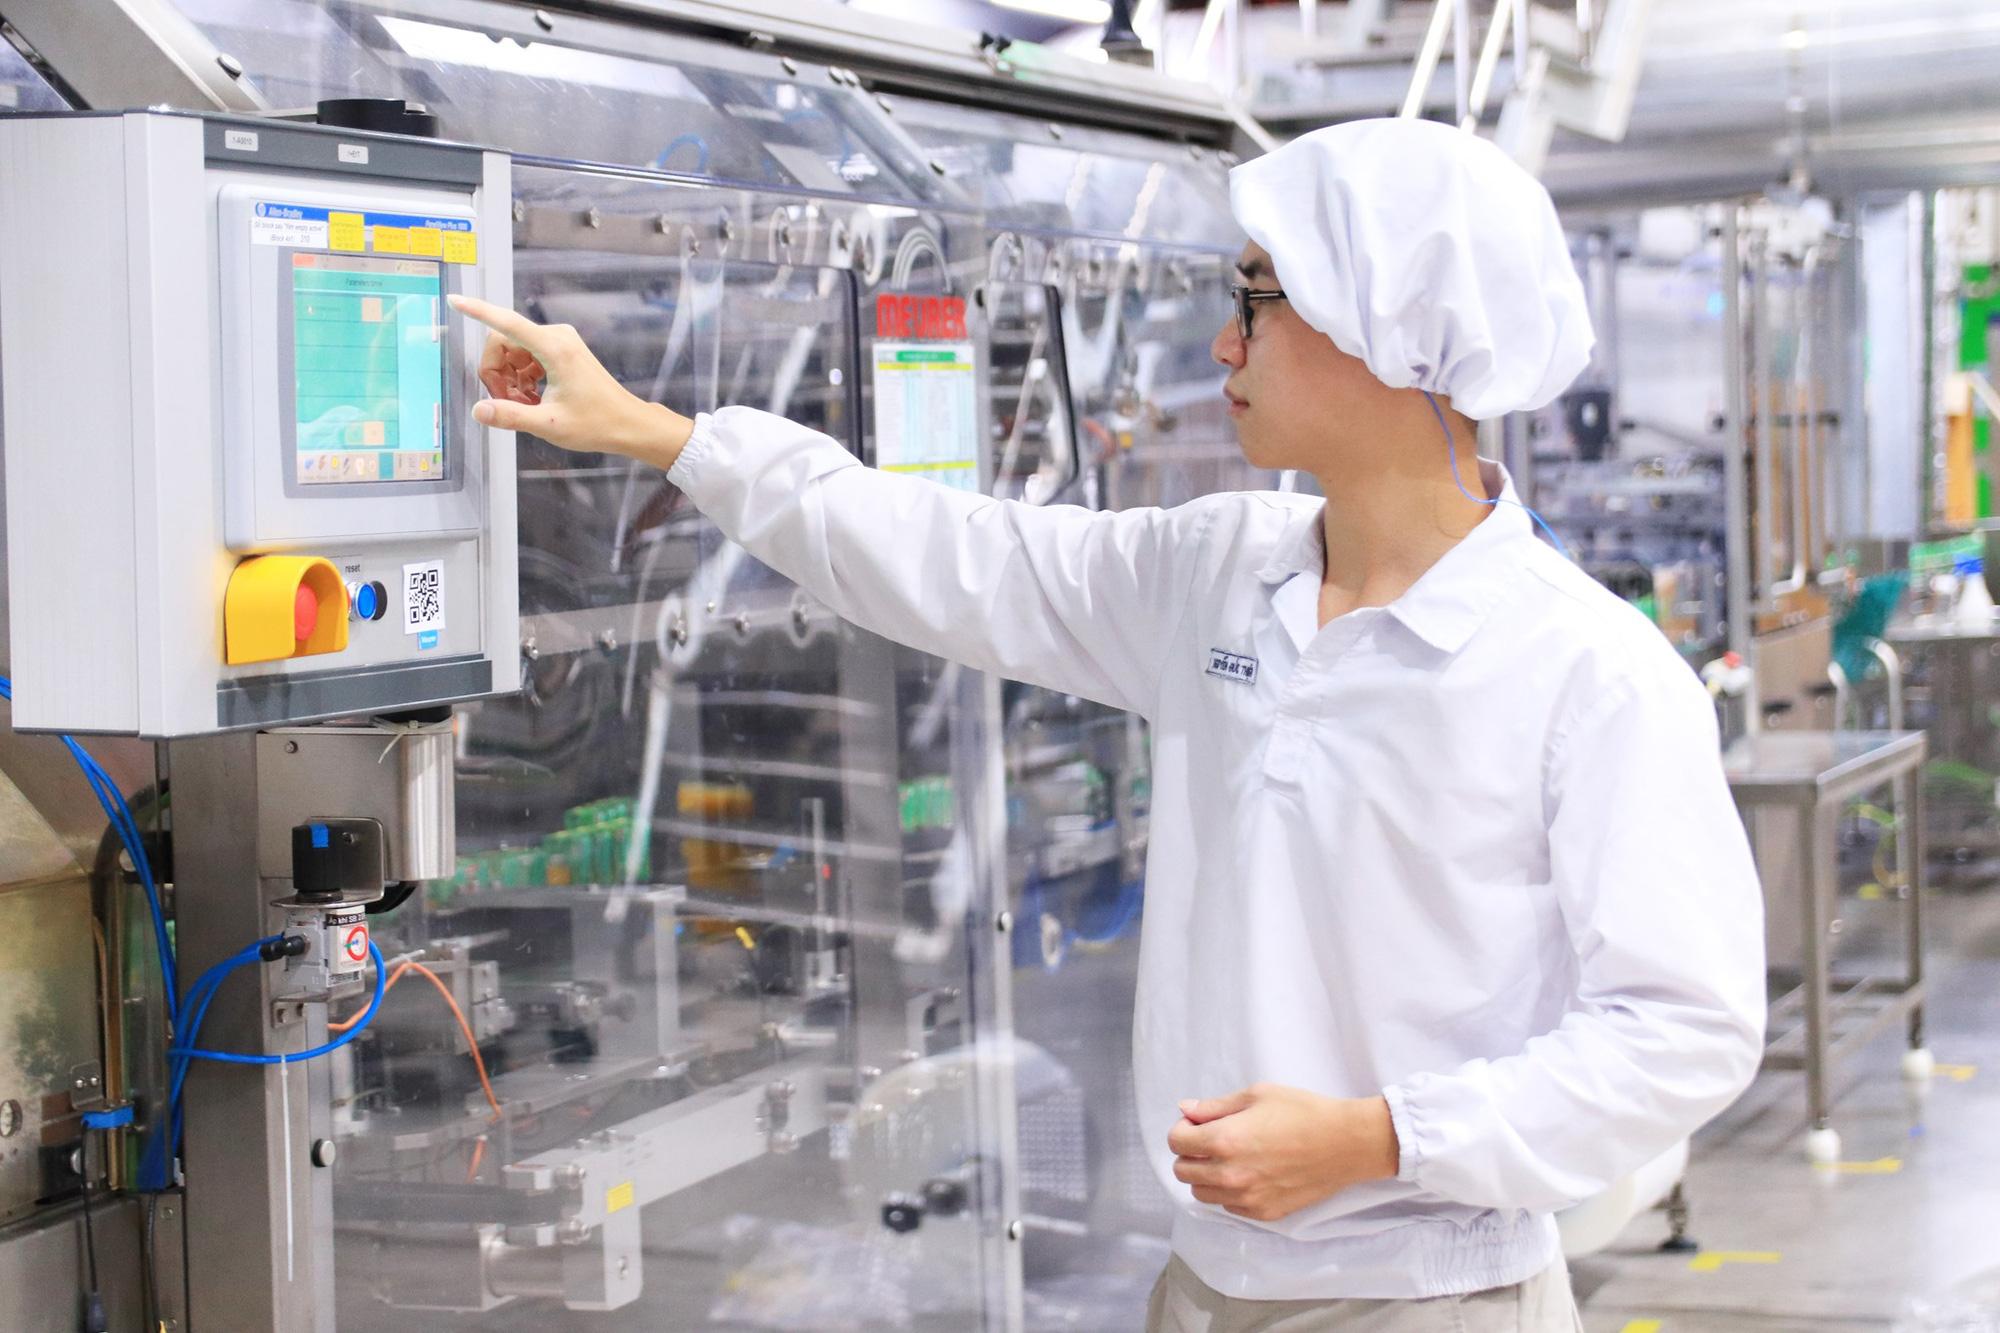 Nhiều doanh nghiệp FDI tiếp tục rót vốn vào Việt Nam bất chấp đại dịch - Ảnh 1.